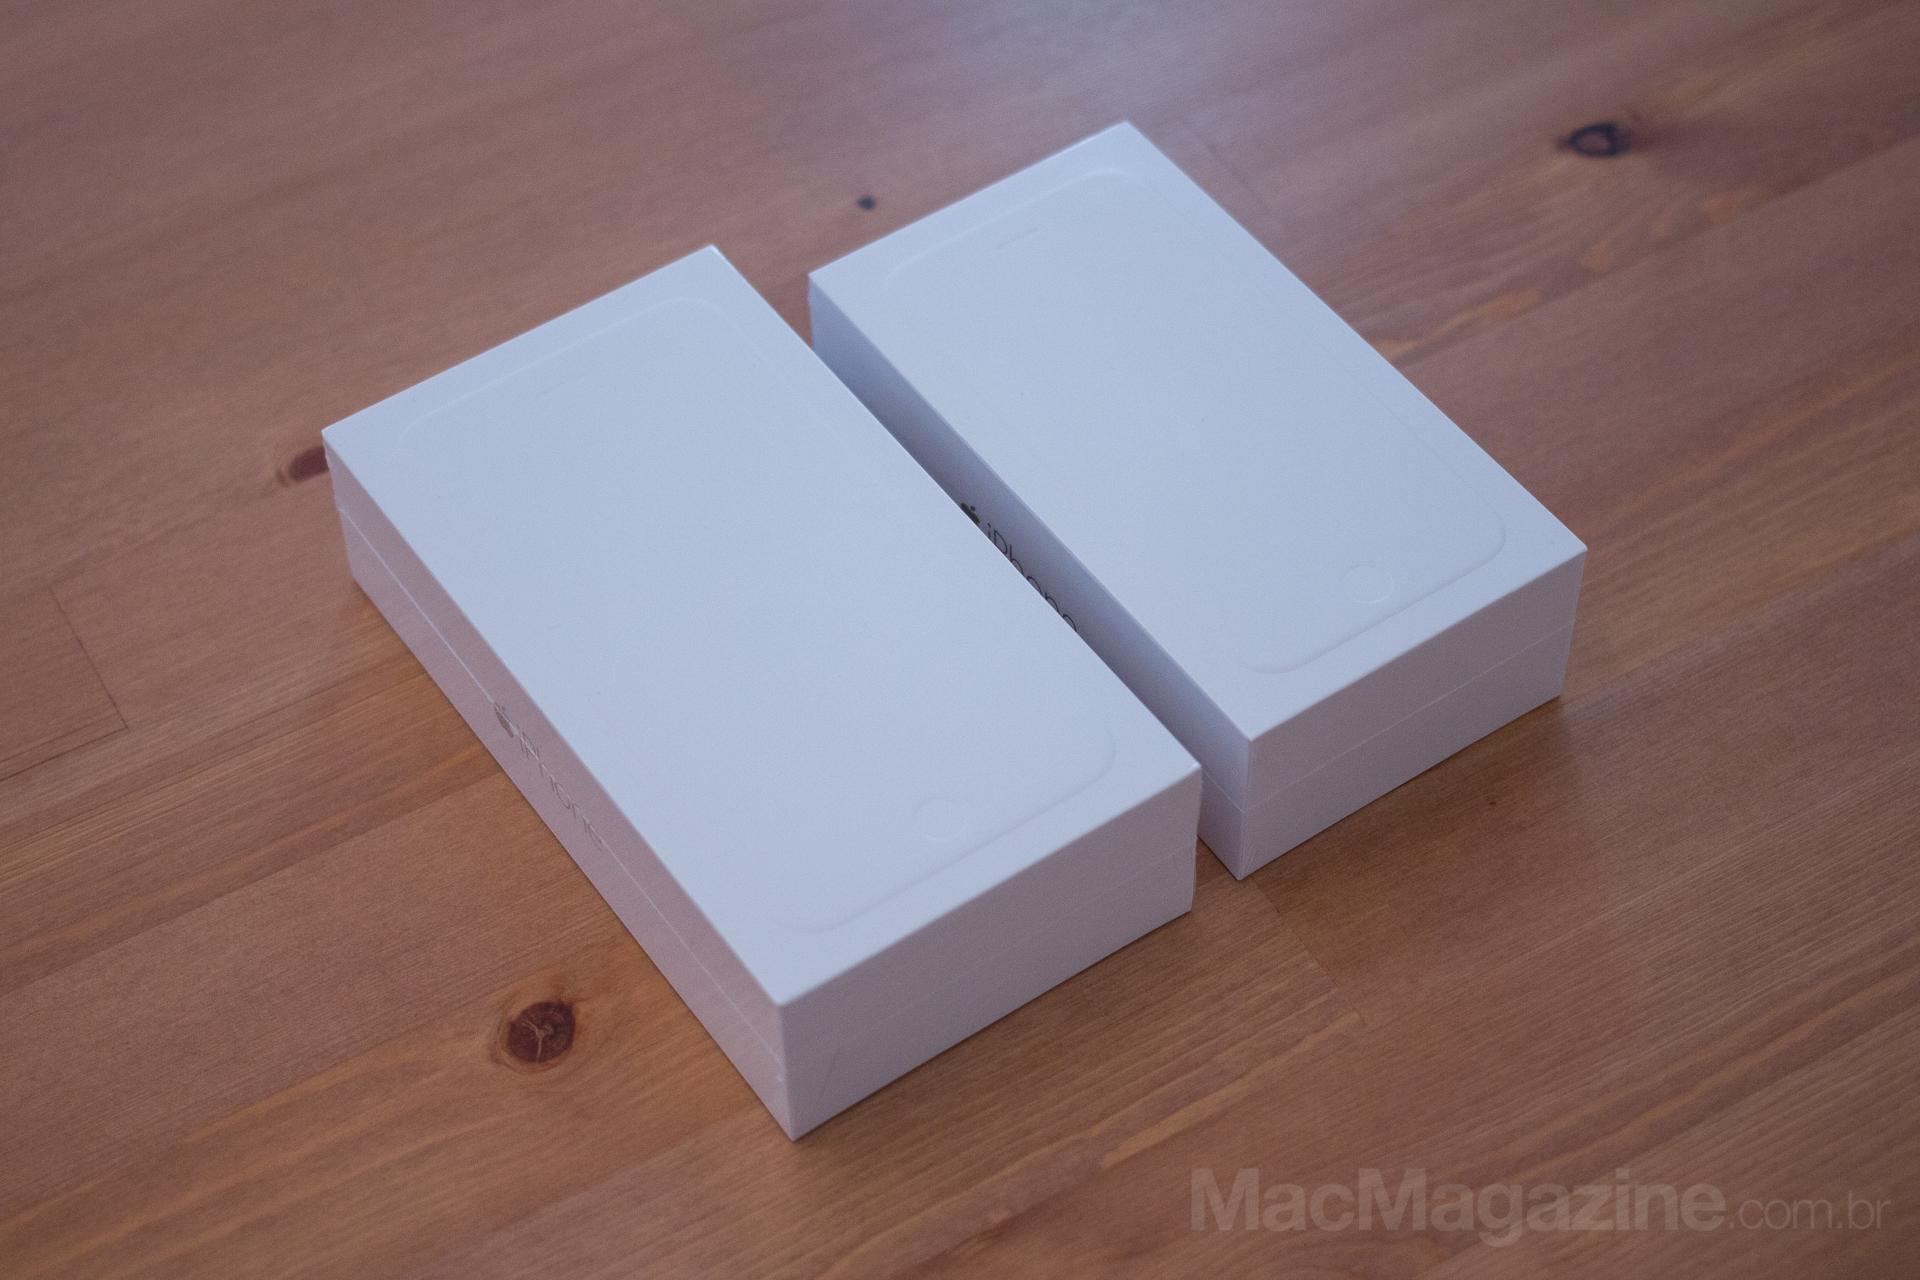 Primeiras impressões dos iPhones 6